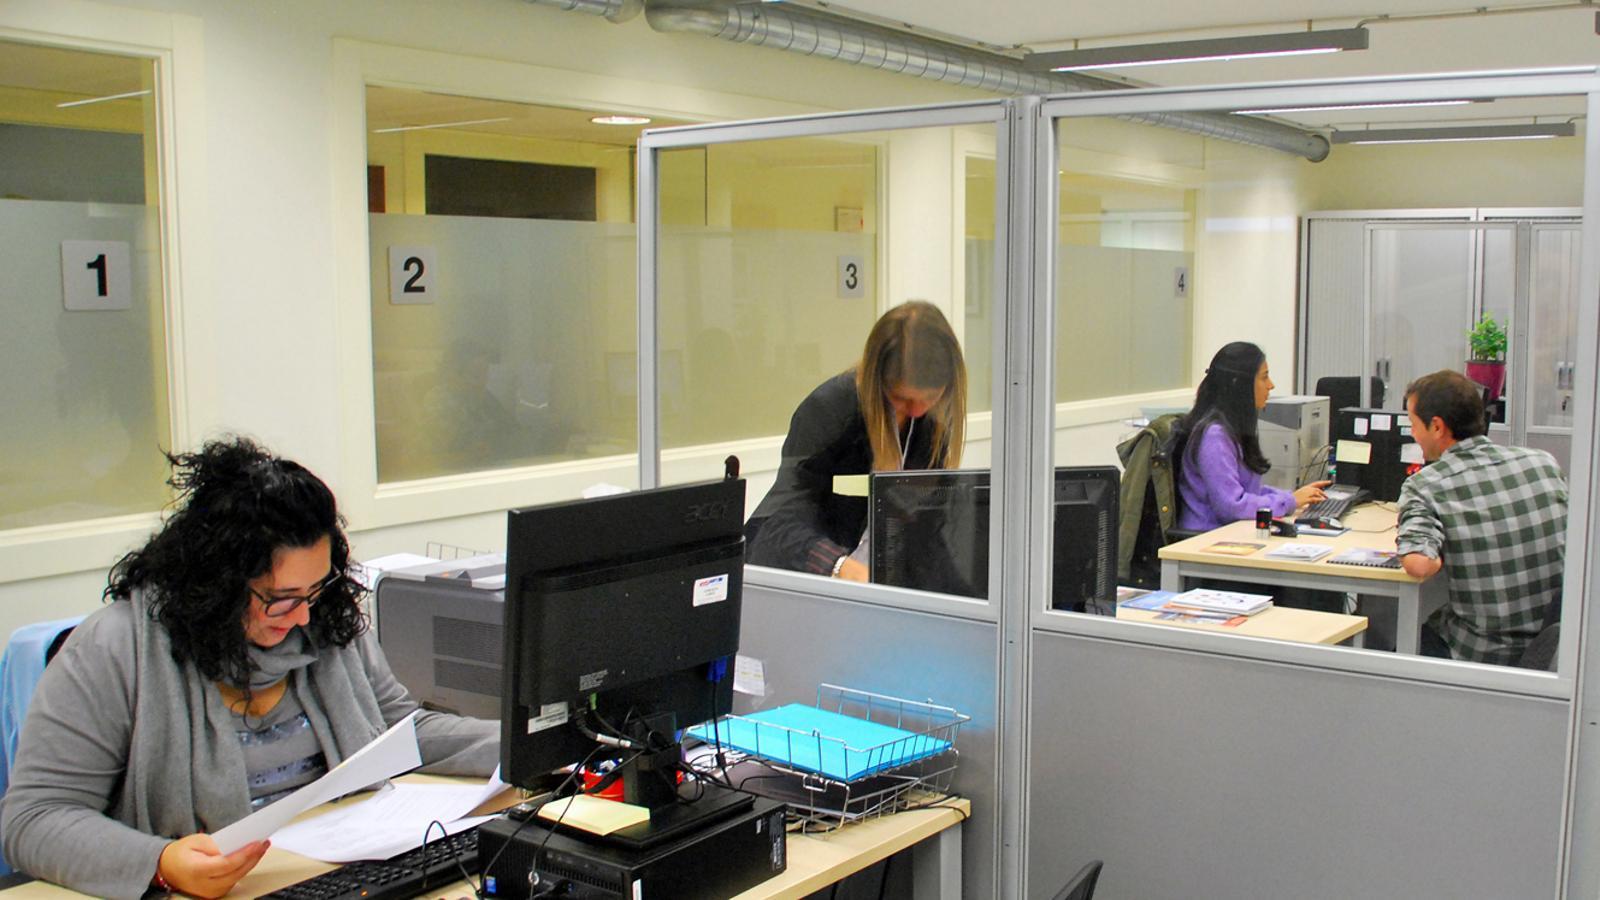 L'oficina del Servei d'Ocupació. / C. G. (ANA)